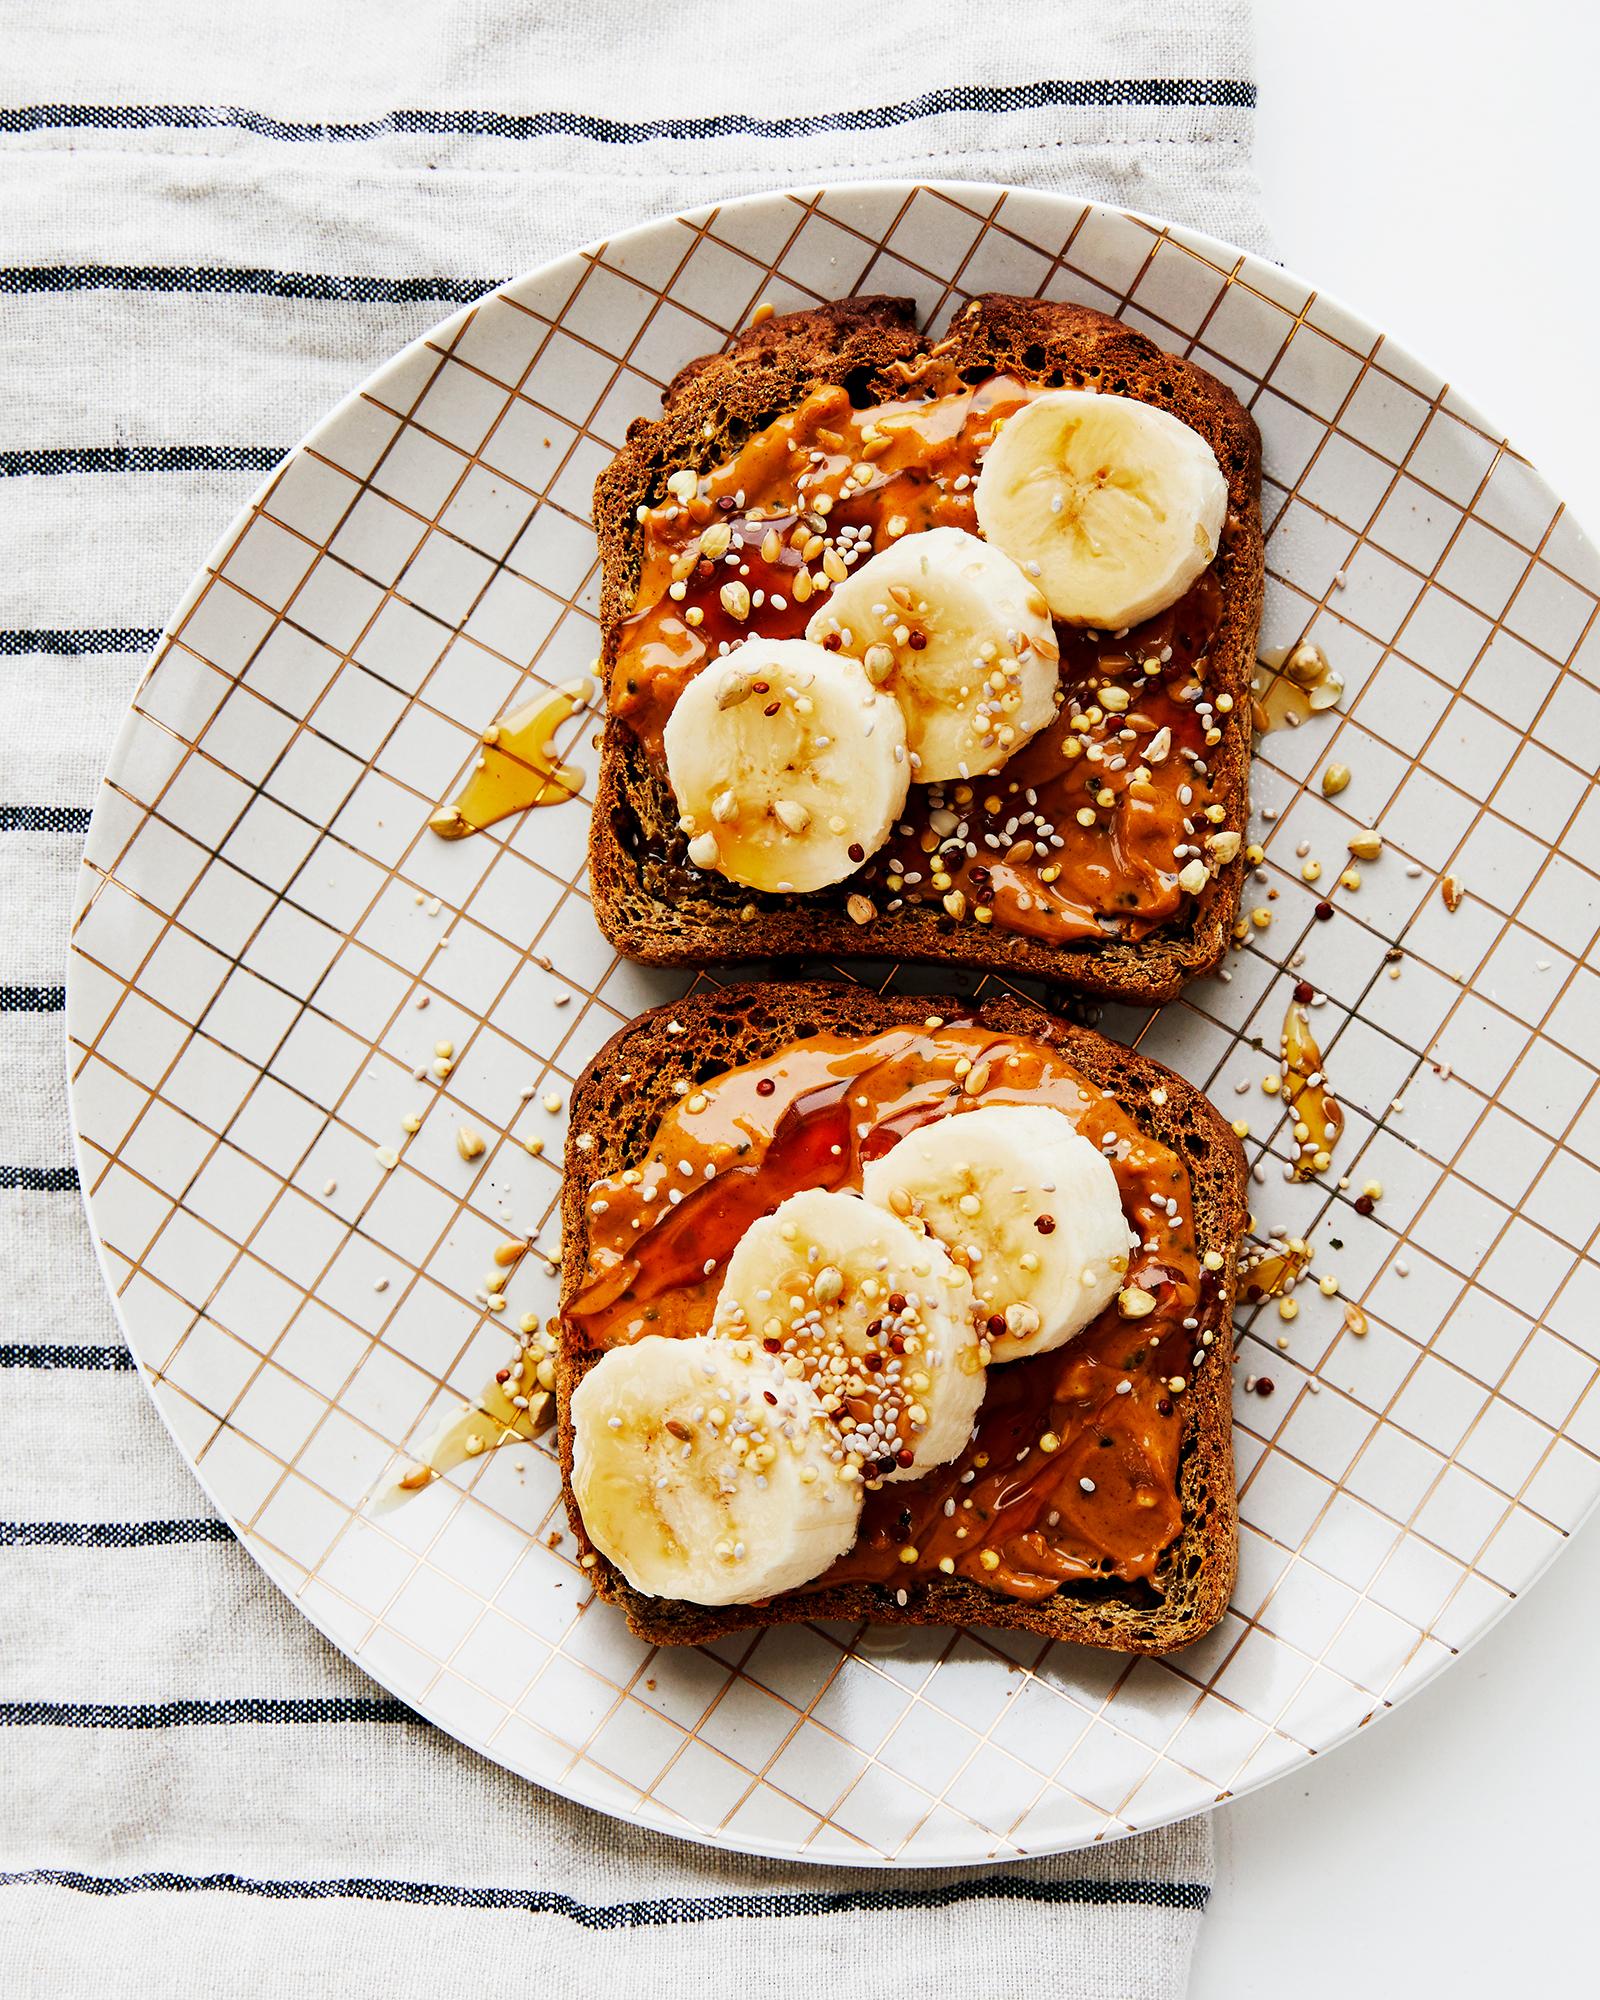 Better-Happier-Toast-Upgrade_the-Healthy-Elvis-1160.jpg